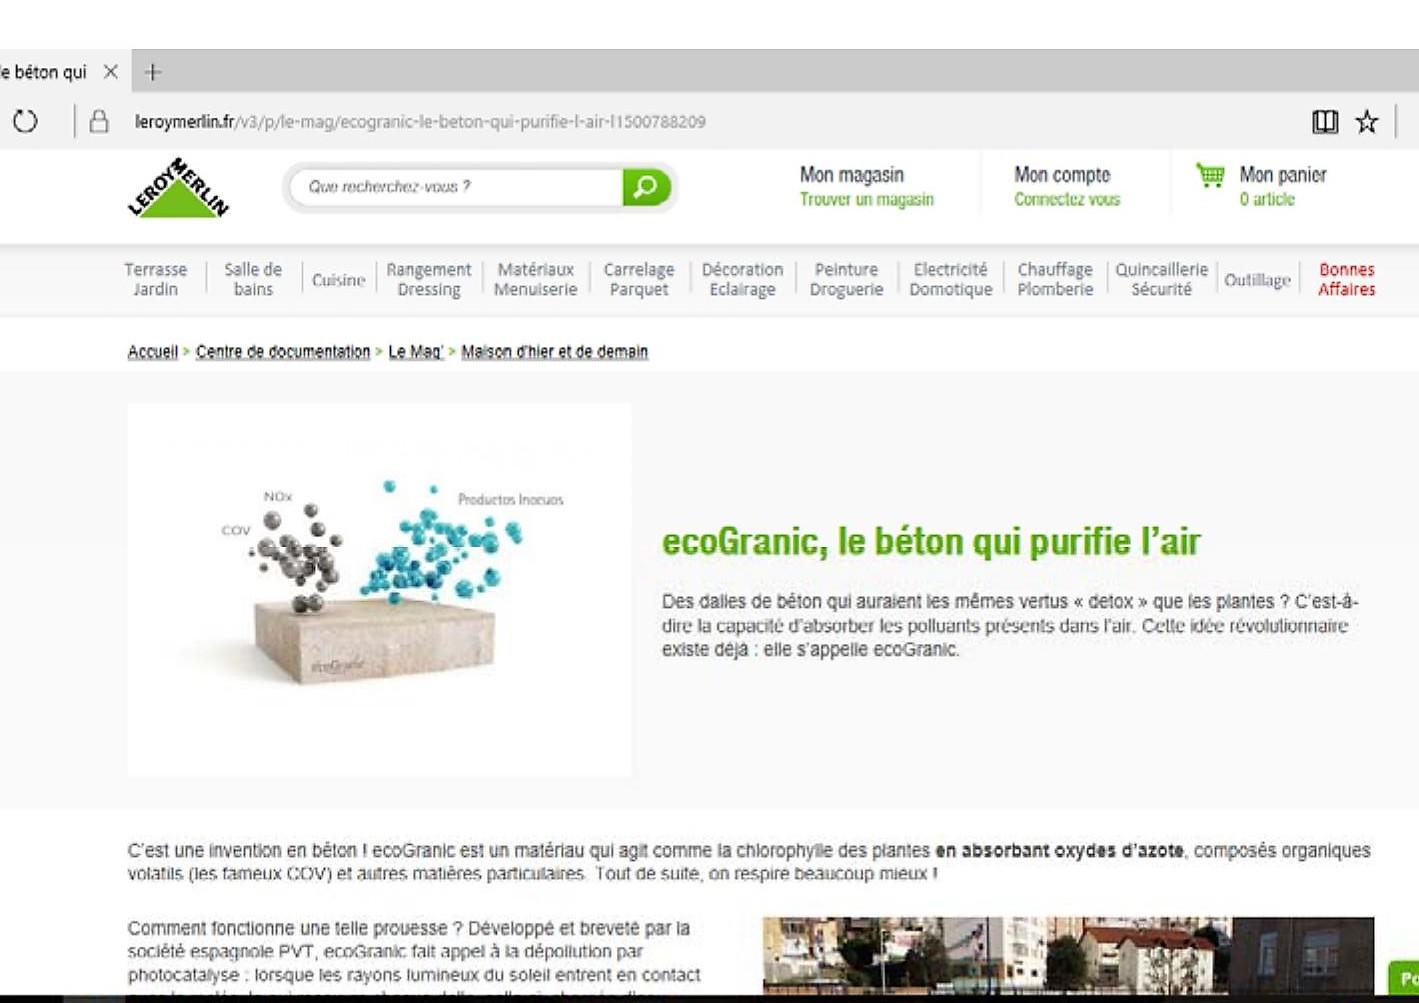 LEROY MERLIN Francia: EcoGranic, Le Béton Qui Purifie L'air